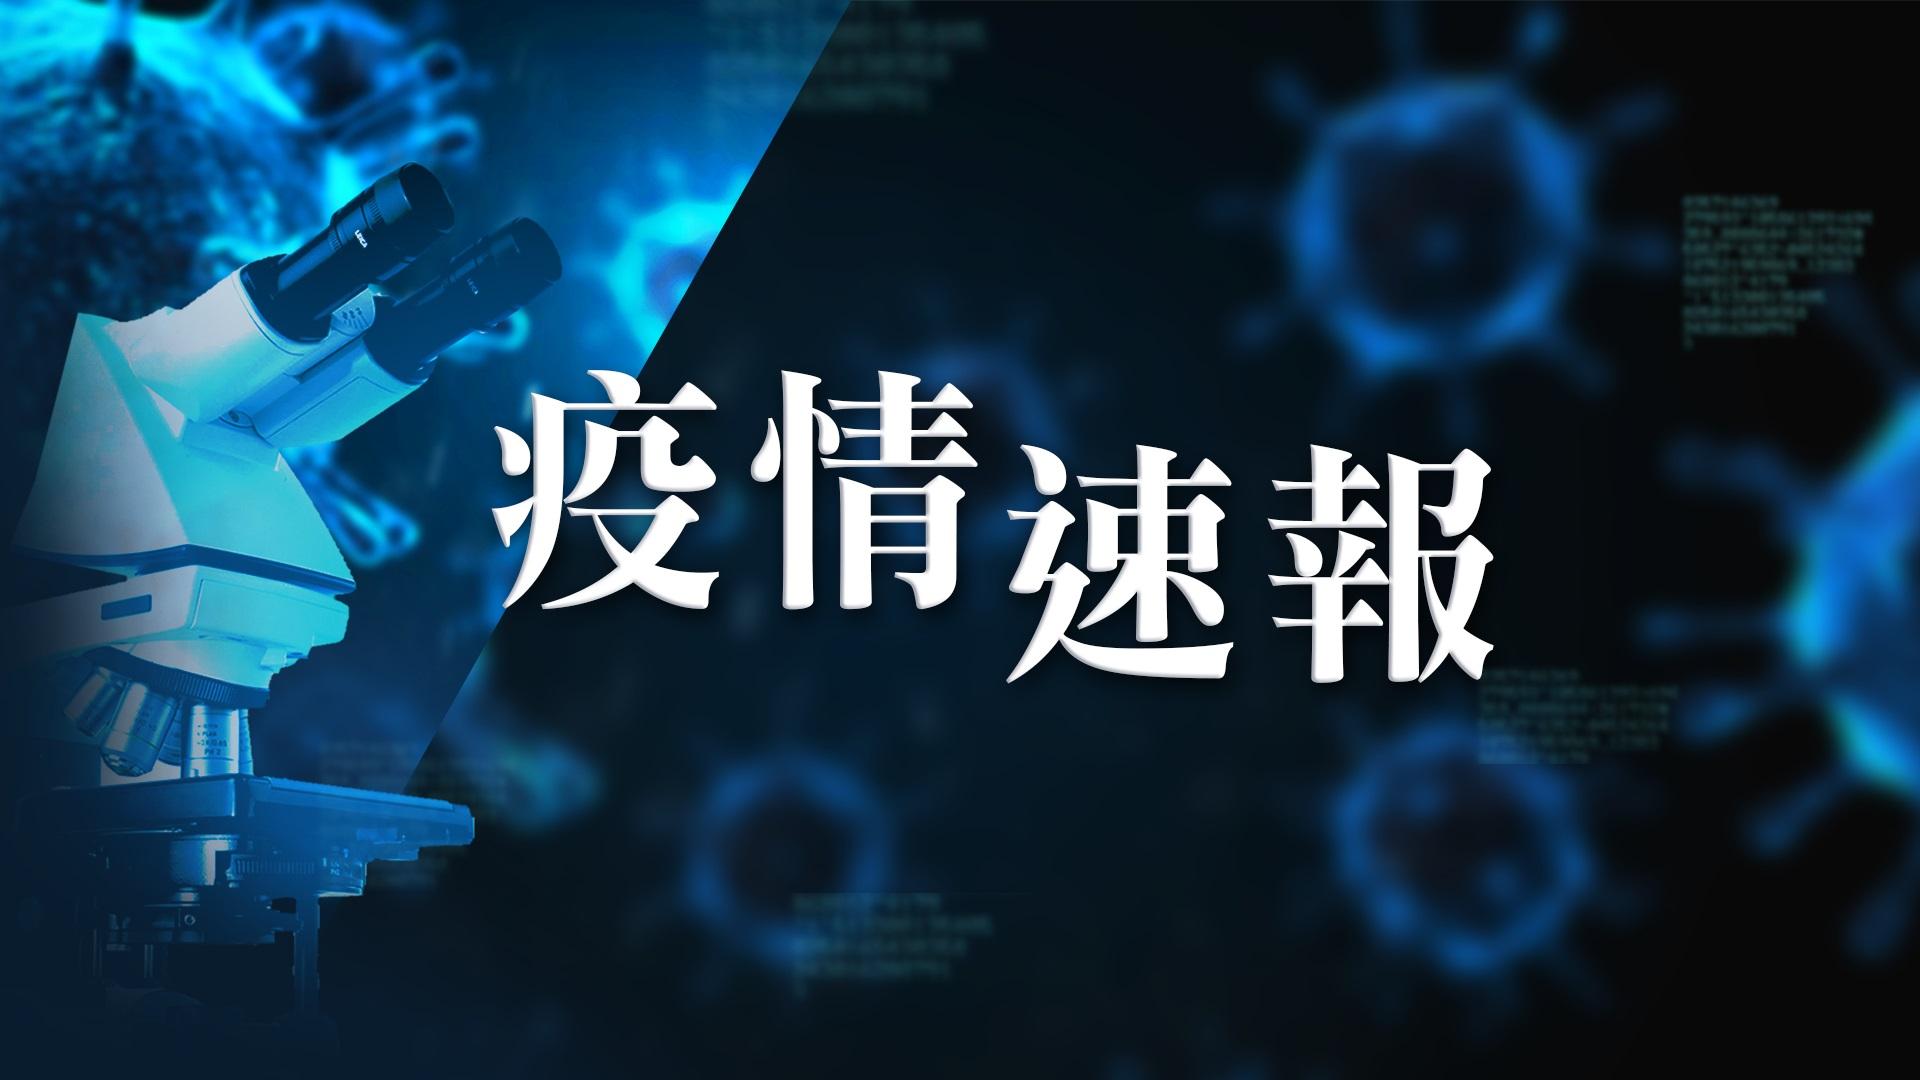 【12月6日疫情速報】(09:45)